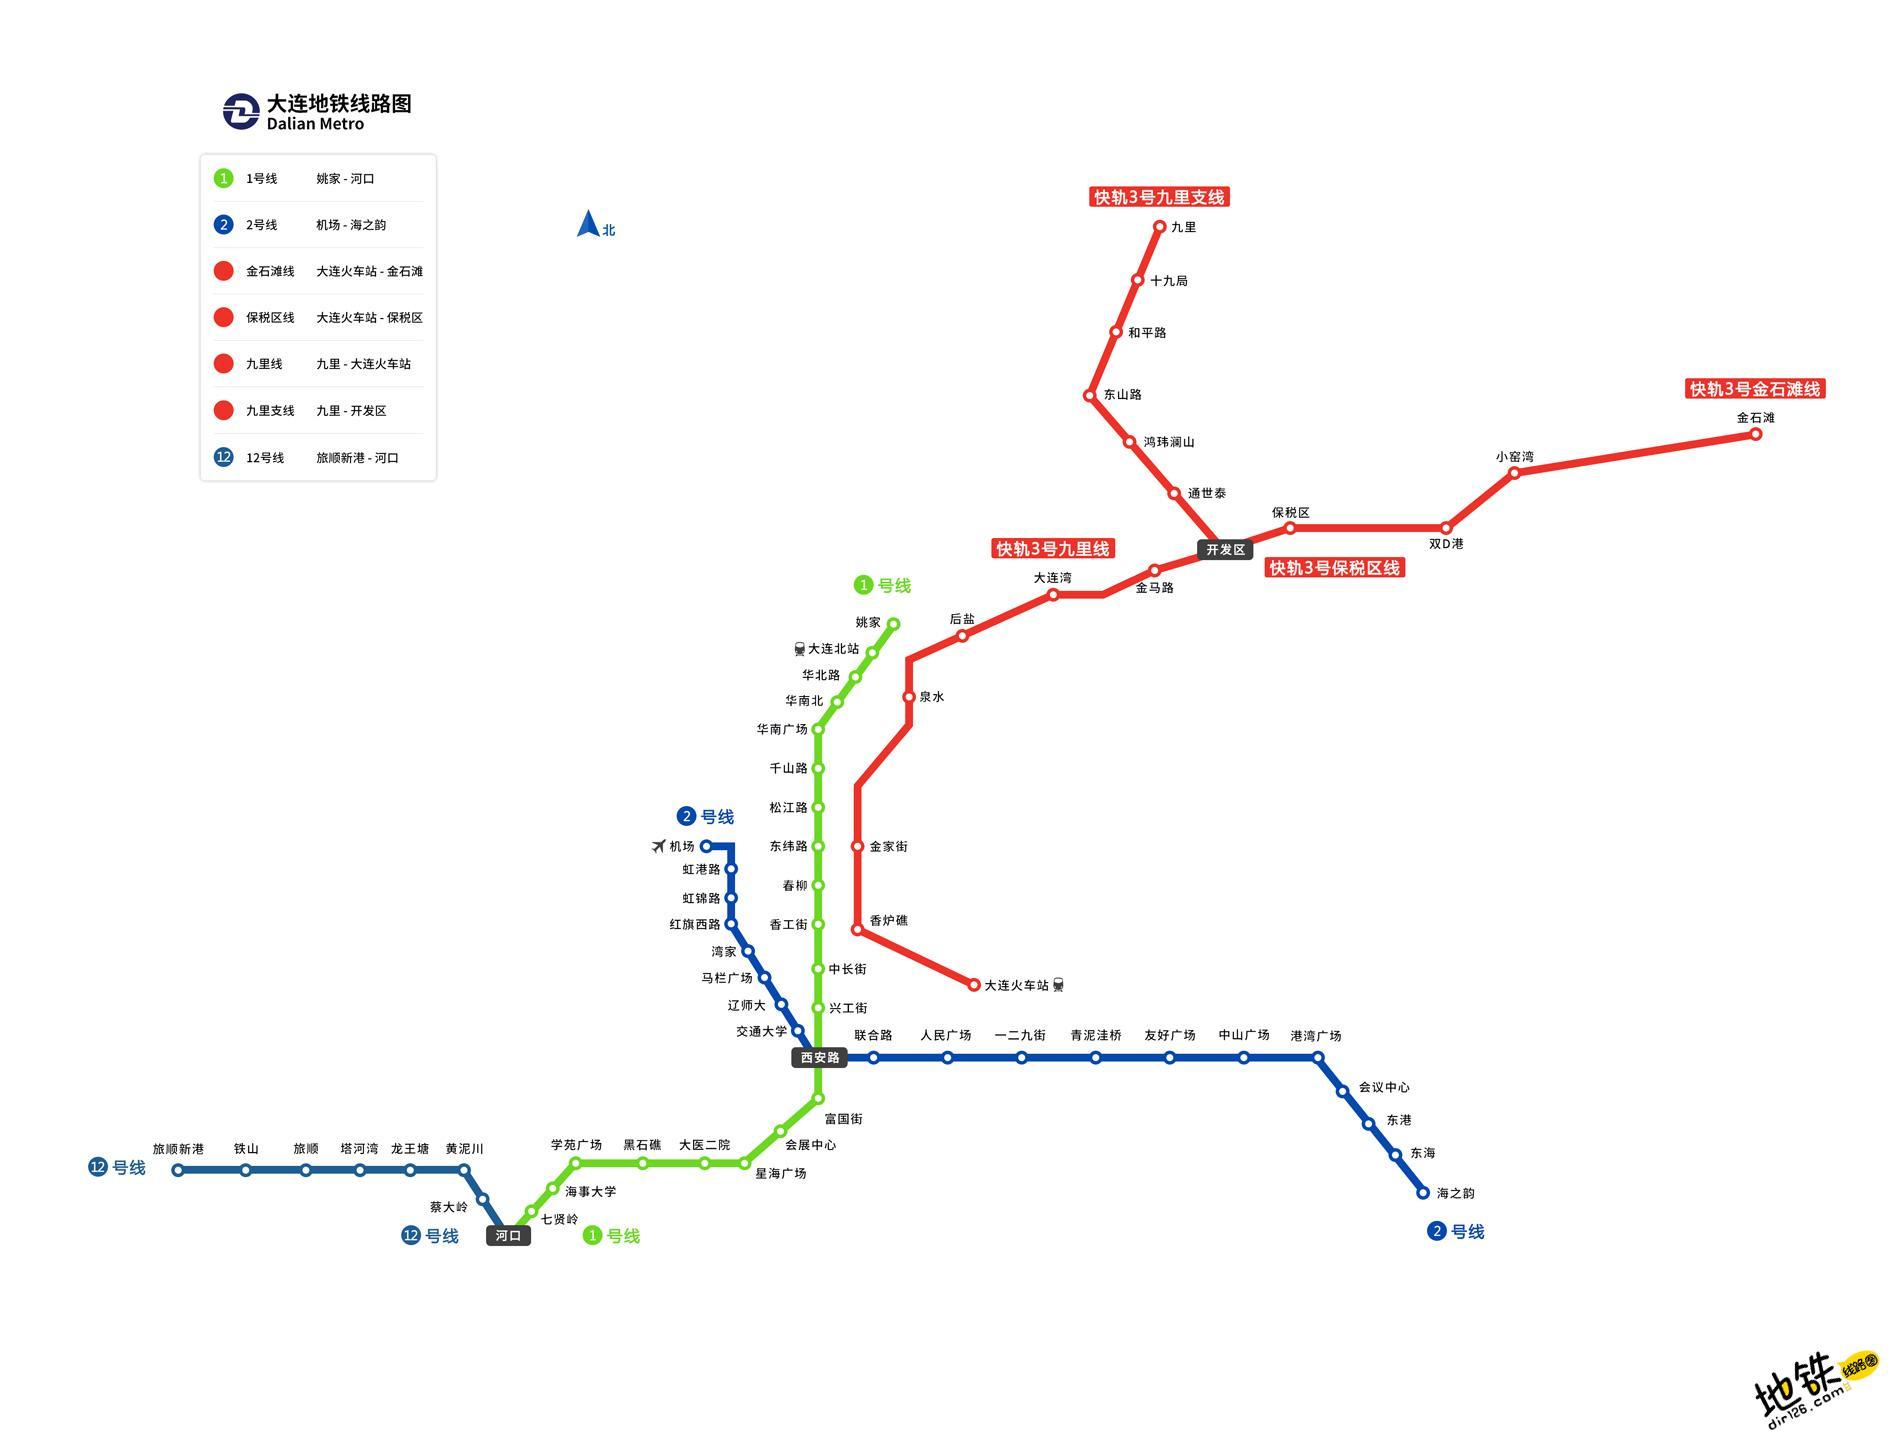 大连地铁线路图 运营时间票价站点 查询下载 大连地铁查询 大连地铁线路图 大连地铁票价 大连地铁运营时间 大连地铁 大连地铁线路图  第1张